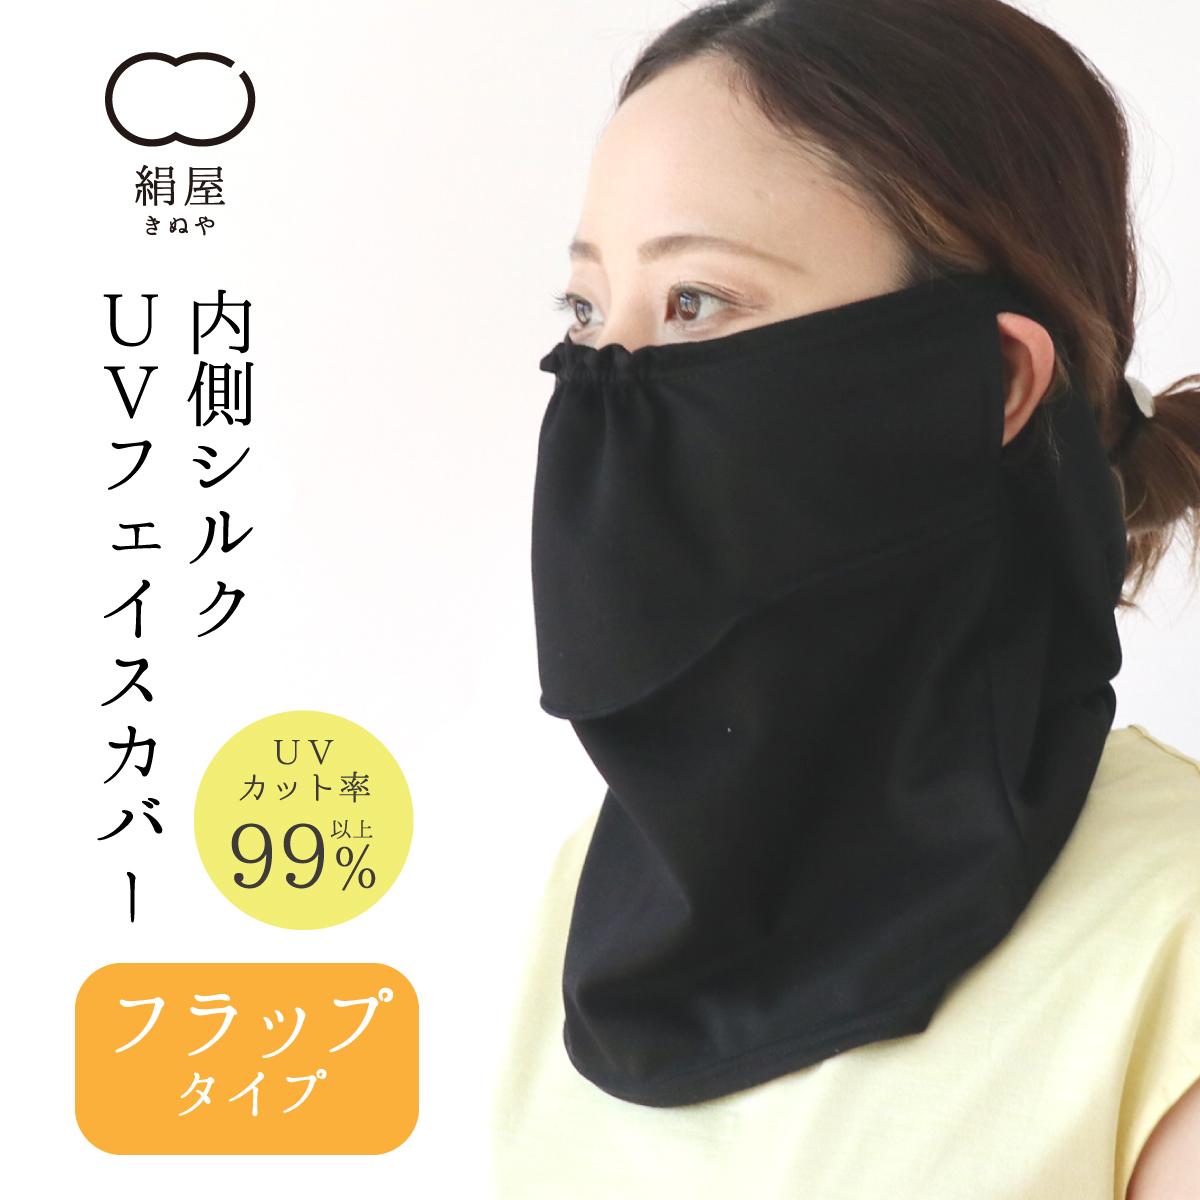 気になるお顔の日焼けを防止してくれるフェイスカバーです お顔に直接当たる面がシルクで作られているのでお肌に優しく 汗も吸ってくれるので安心です UV フェイスカバー フラップタイプ マスク 紫外線 日焼け uv シルク 40%OFFの激安セール 母の日 大注目 ギフト コットン プレゼント 綿 日本製 対策 絹